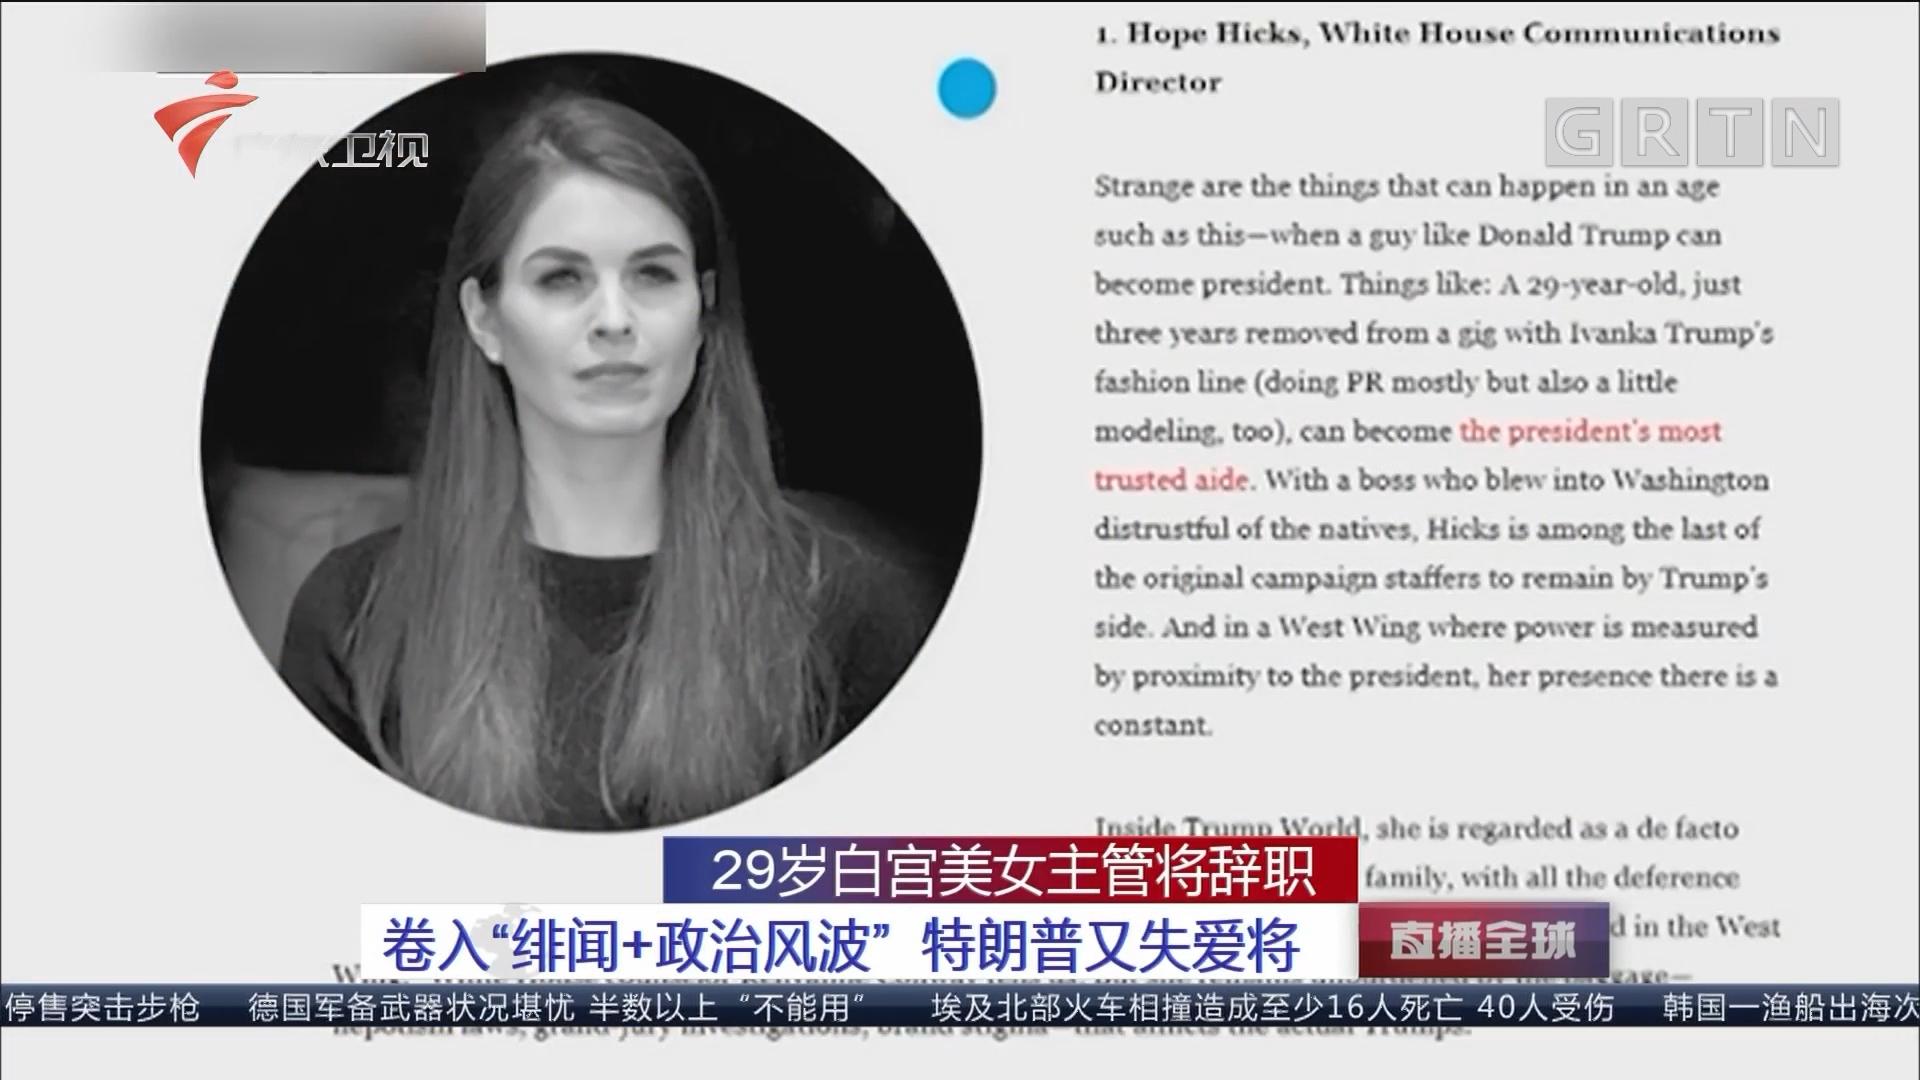 """29岁白宫美女主管将辞职:卷入""""绯闻+政治风波"""" 特朗普又失爱将"""